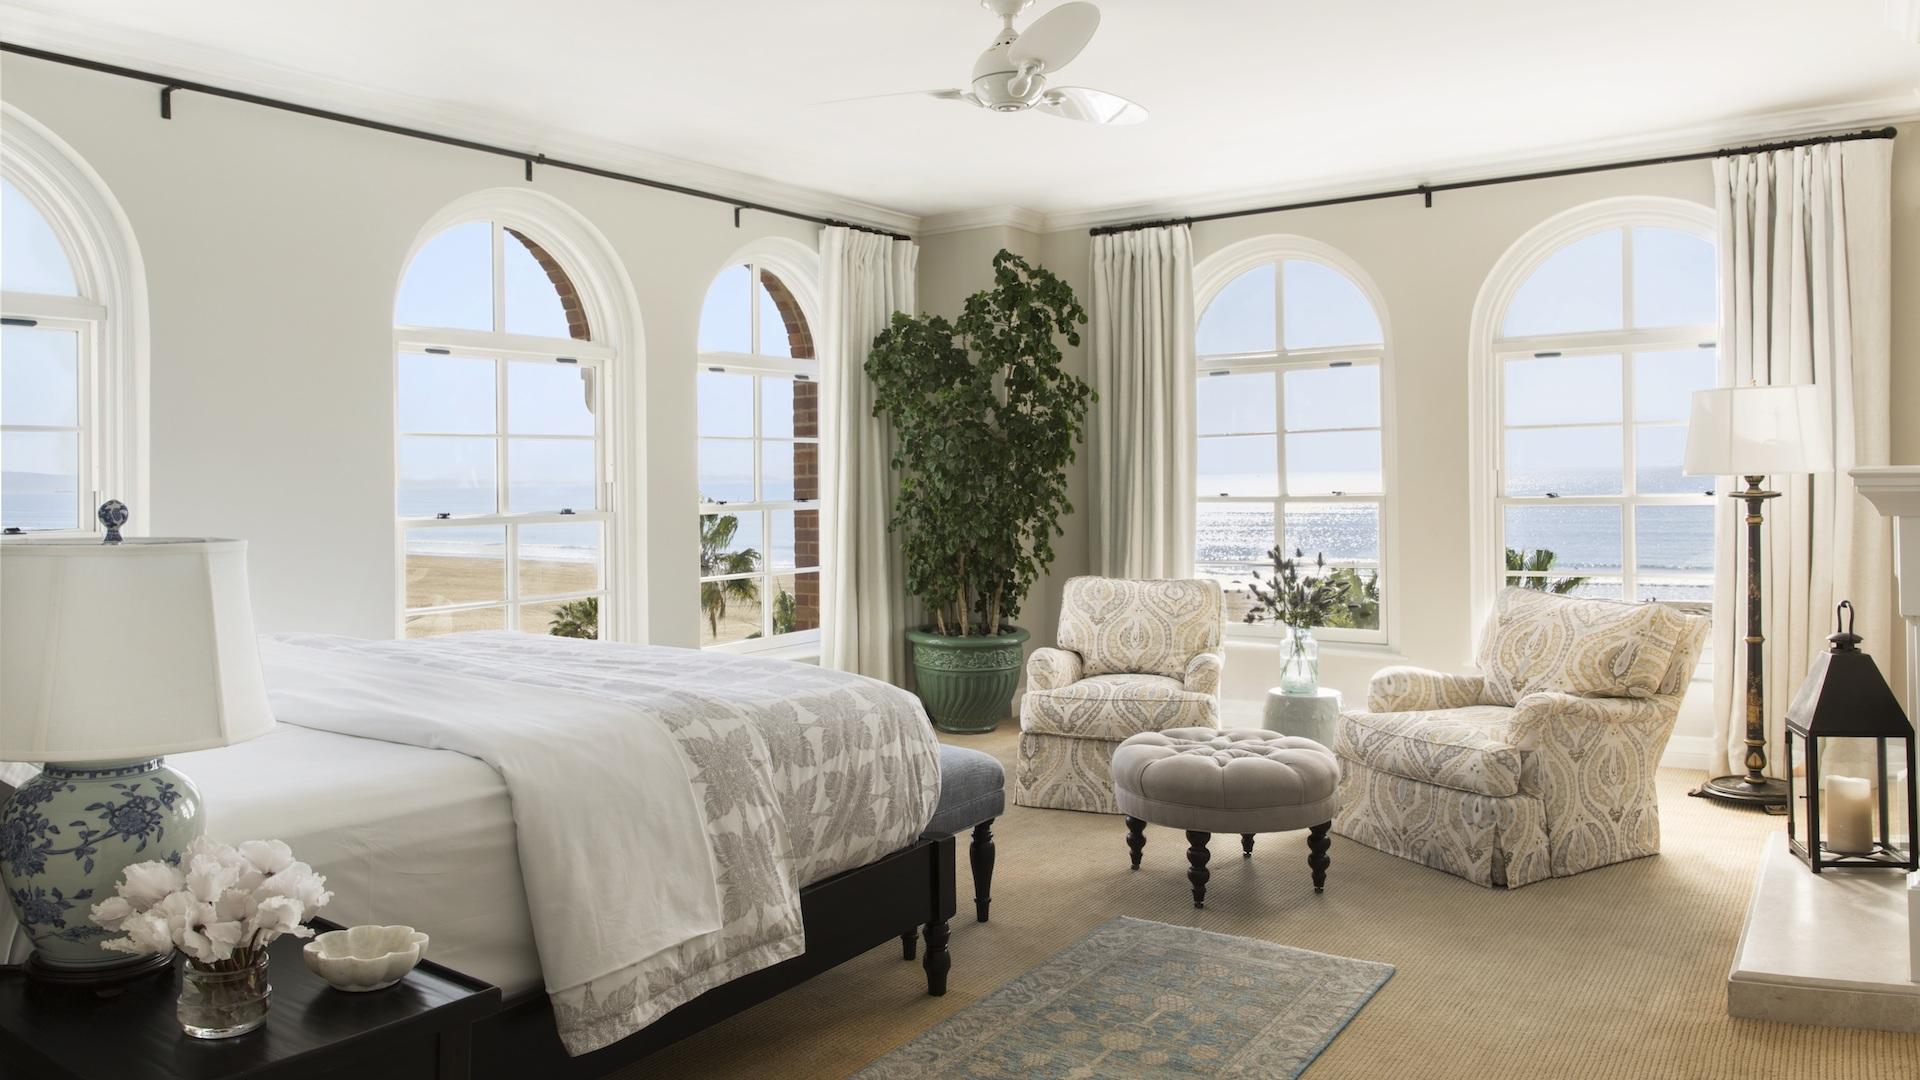 CasaDelMar-Room710-Bedroom-.jpg